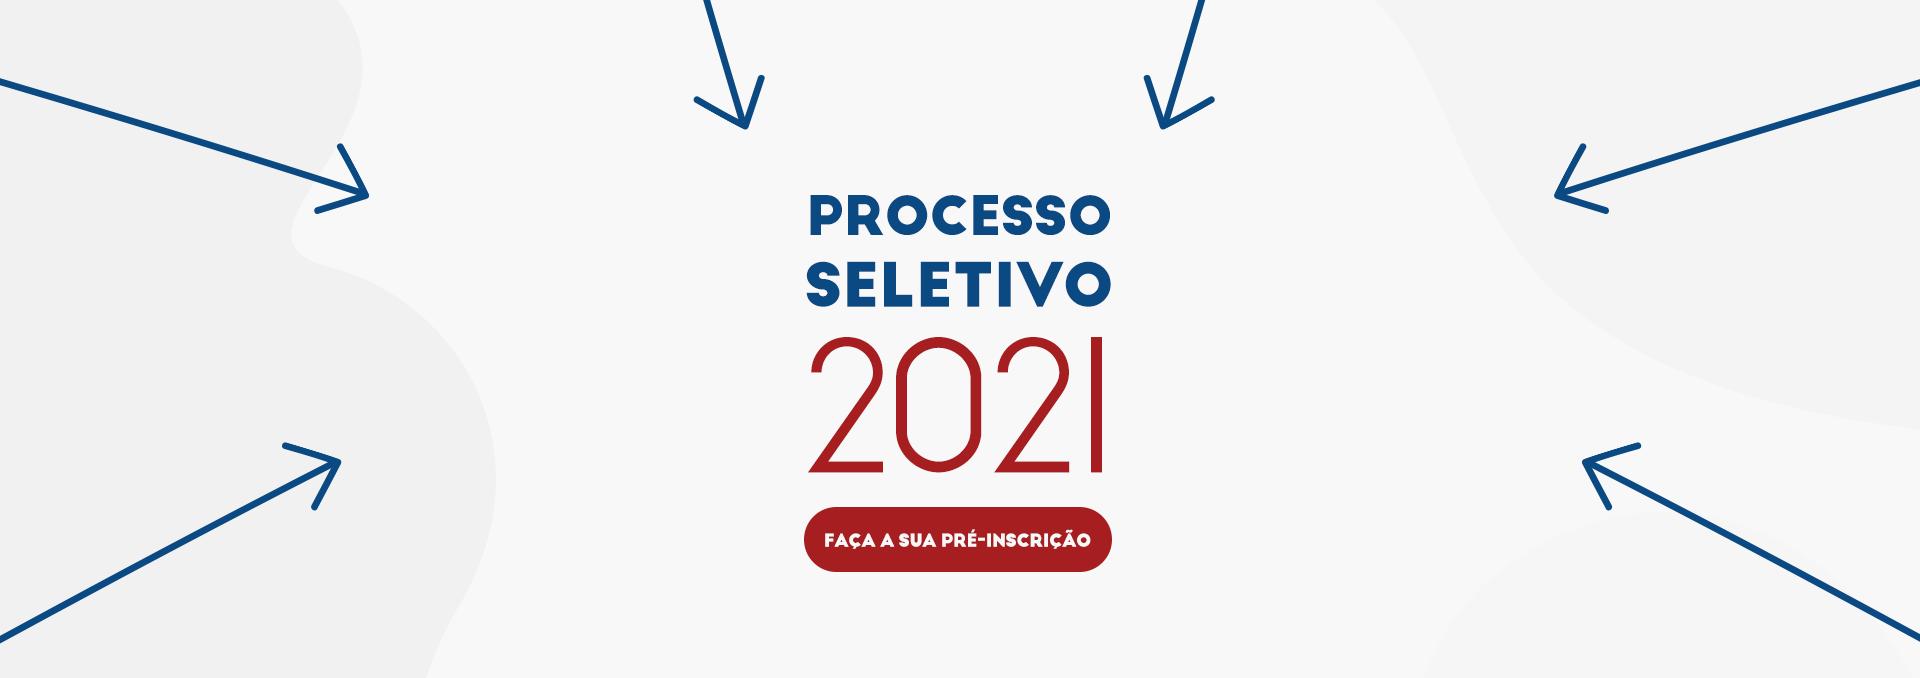 Processo Seletivo 2021!